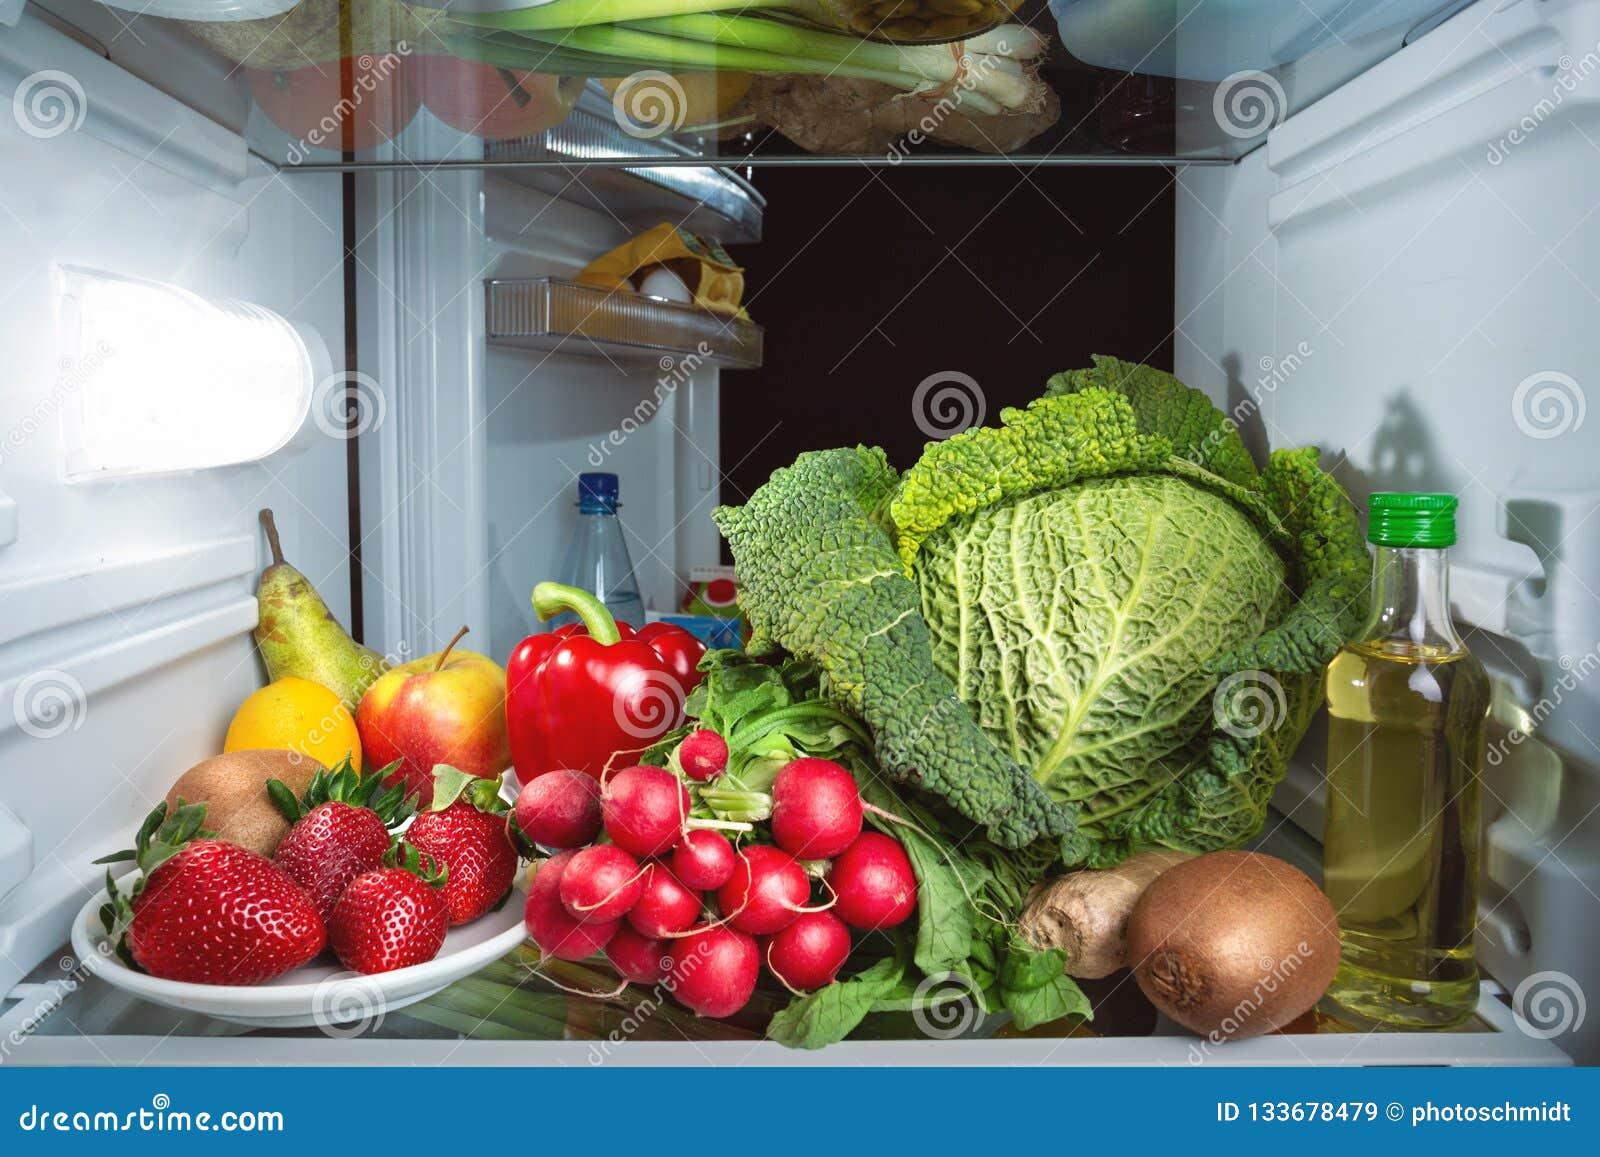 Refrigerador por completo de frutas y verduras